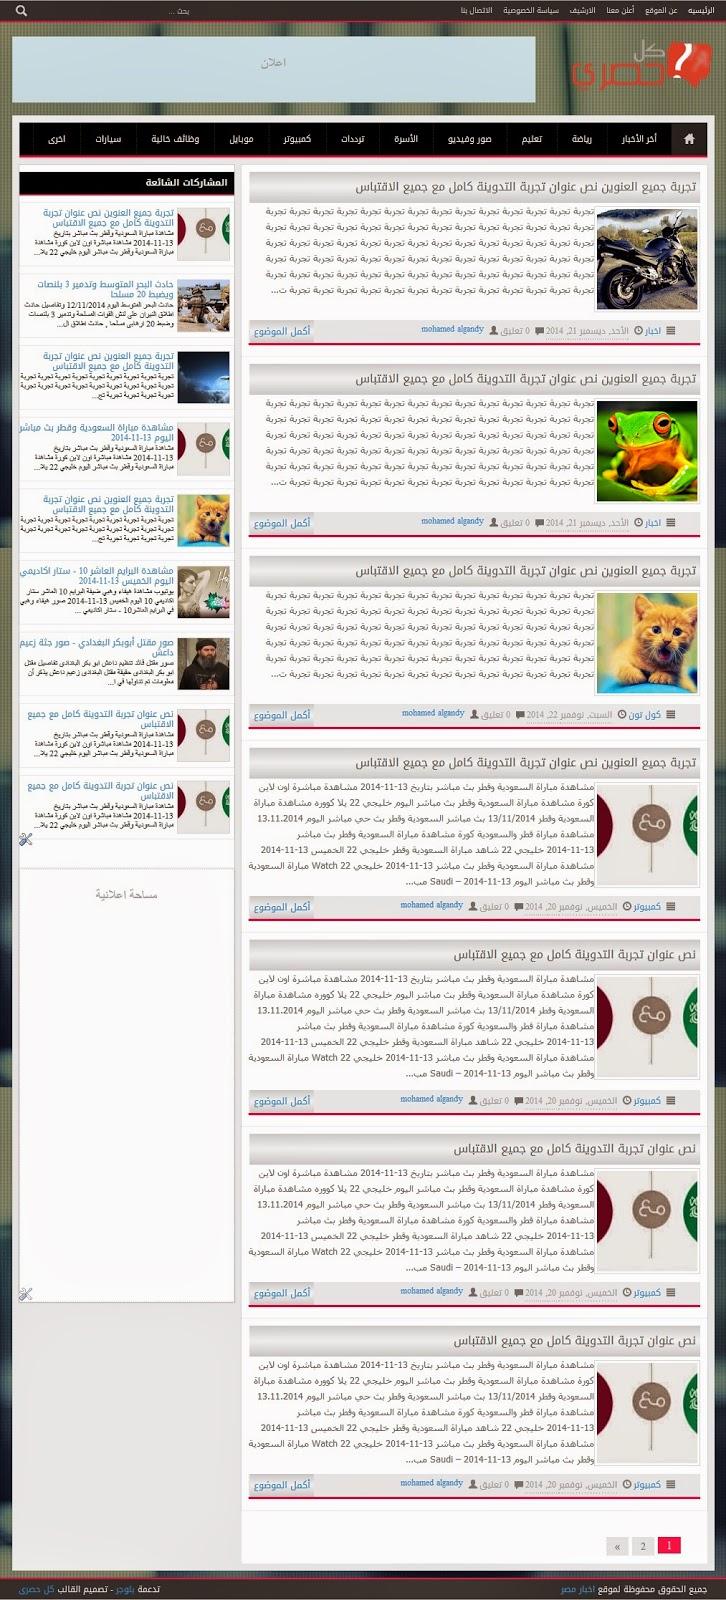 قالب كل حصرى لمدونة بلوجر 2015